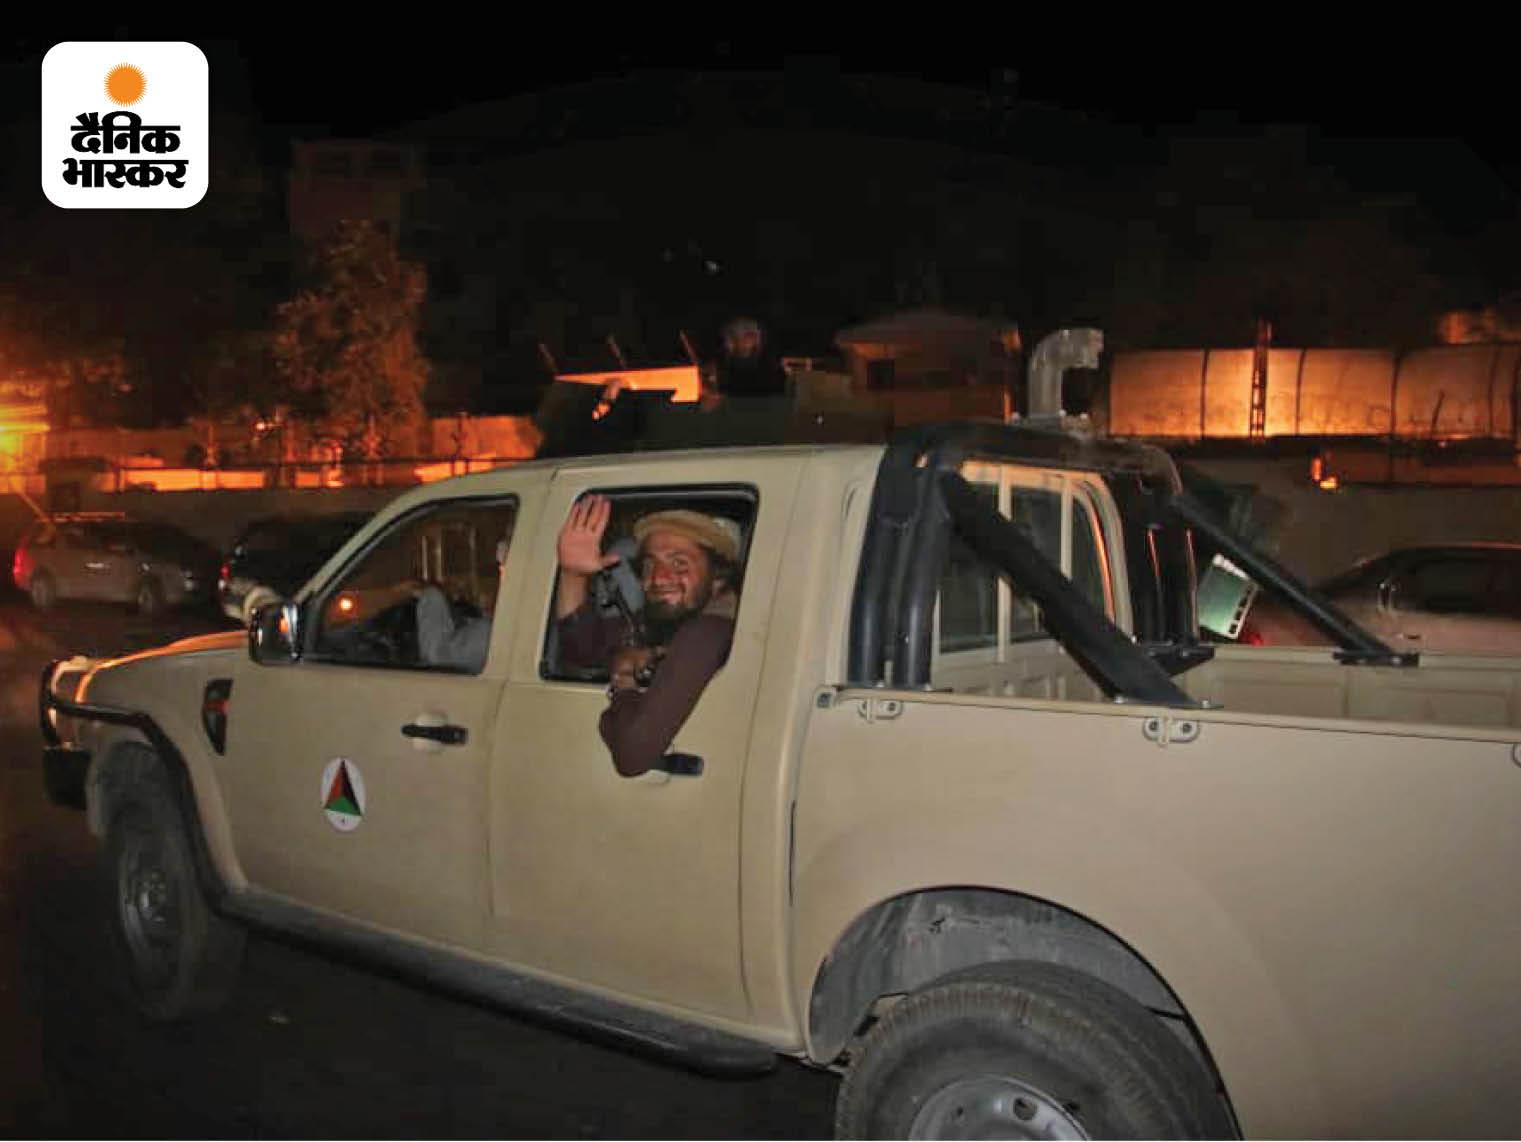 तालिबानी लड़ाके इस तरह की खुली गाड़ियों पर सफर करना पसंद करते हैं। गाड़ी के पीछे खुली जगह पर तालिबानी एक गन माउंट कर लेते हैं, जो युद्ध लड़ने में काम आती है।